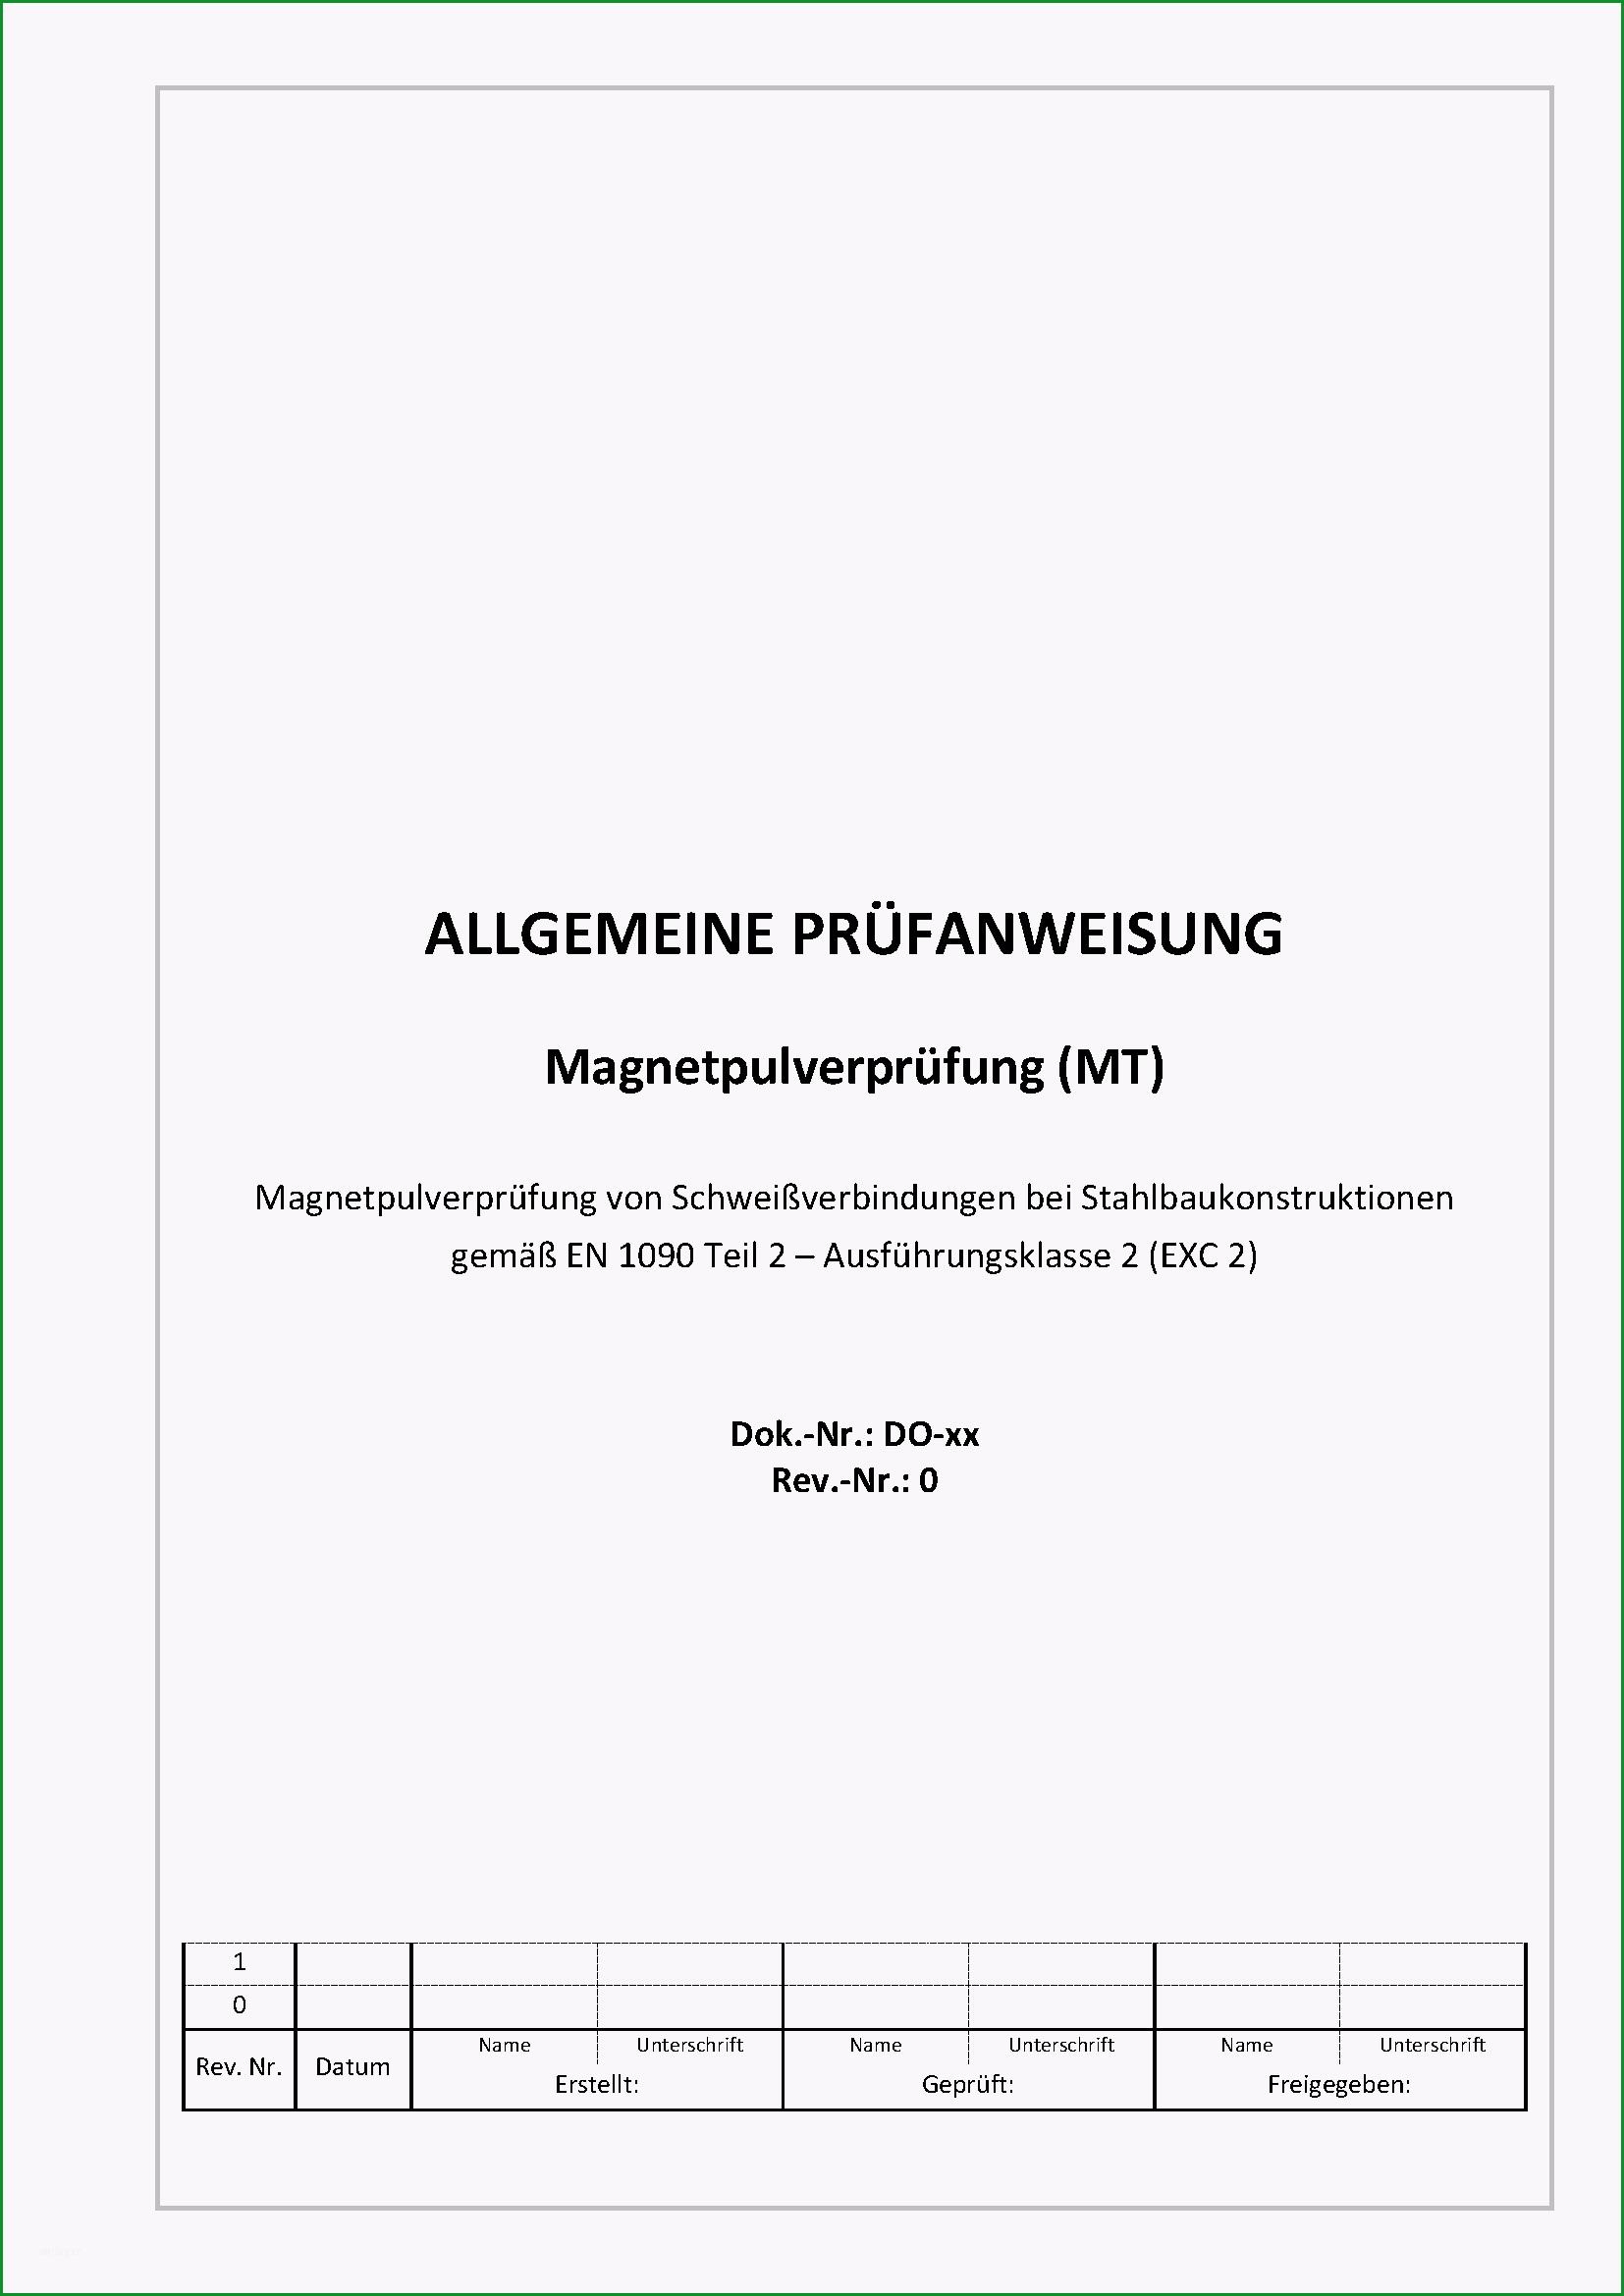 product info info=p115 allgemeine pruefanweisung magnetpulverpruefung mt von schweissverbindungen bei stahlbaukonstruktionen gem en 1090 2